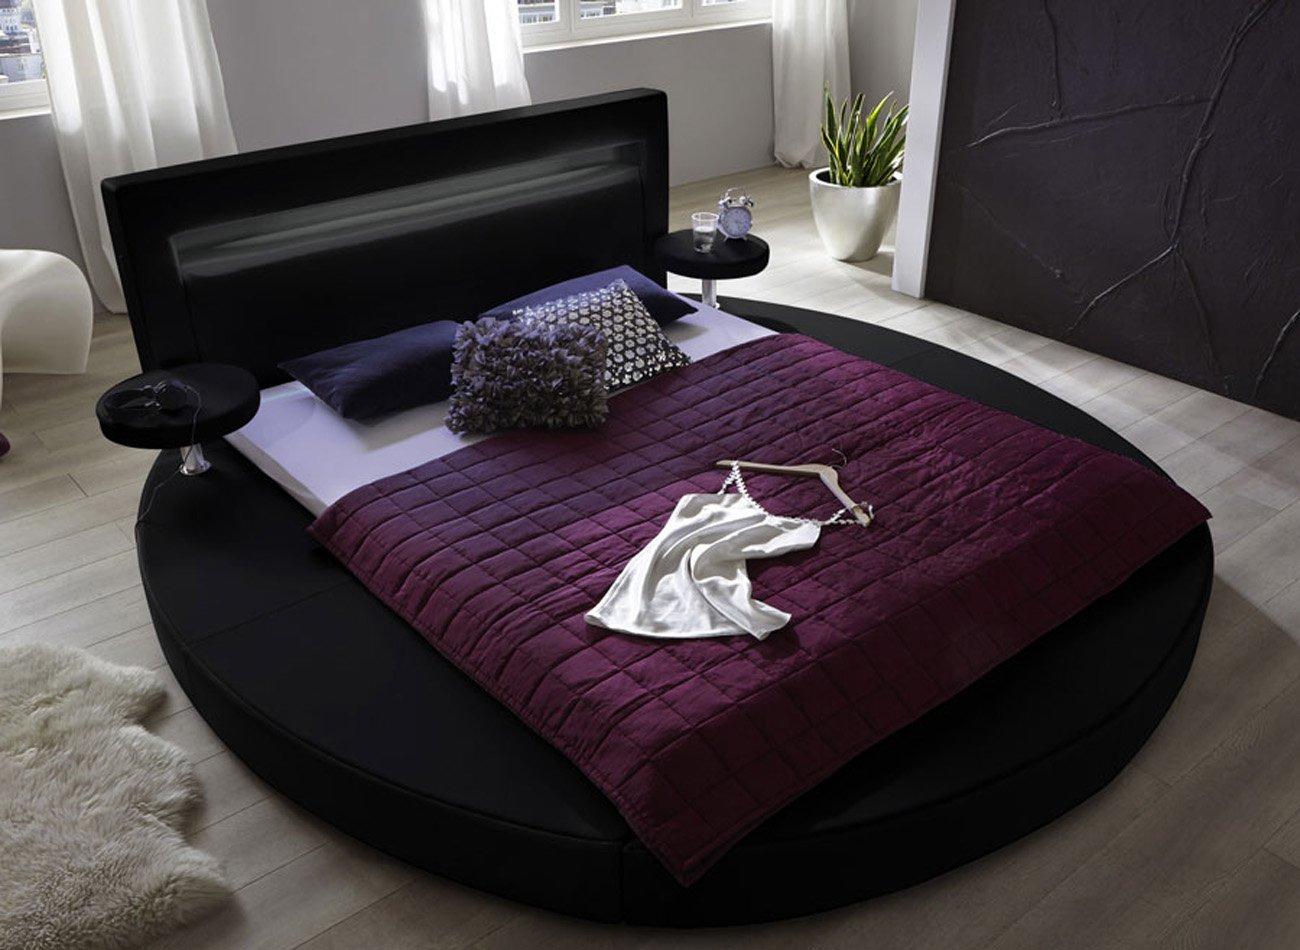 SAM® Rundbett Tangram in schwarz 180 x 200 cm Bett inklusive 2 Nachttischablagen Kopfteil mit Beleuchtung Wasserbett geeignet modernes abgerundetes Design teilozerlegt Auslieferung durch Spedition  Kundenbewertung und Beschreibung